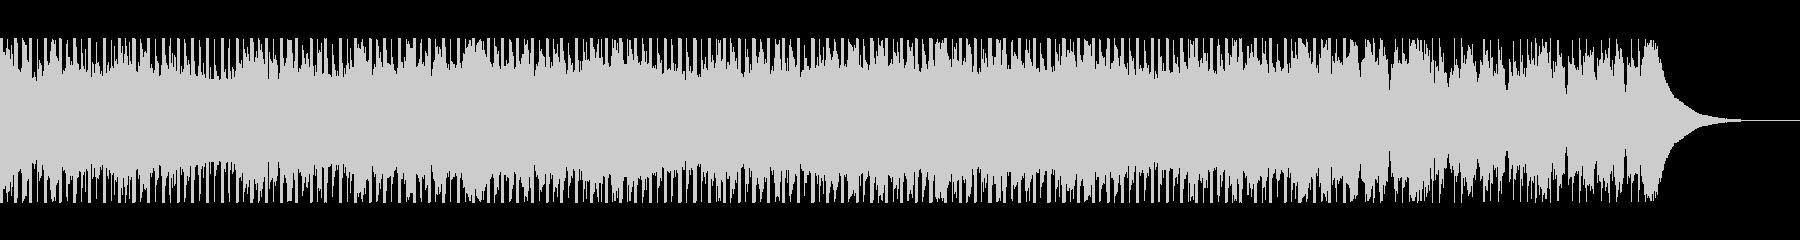 やる気企業(60秒)の未再生の波形